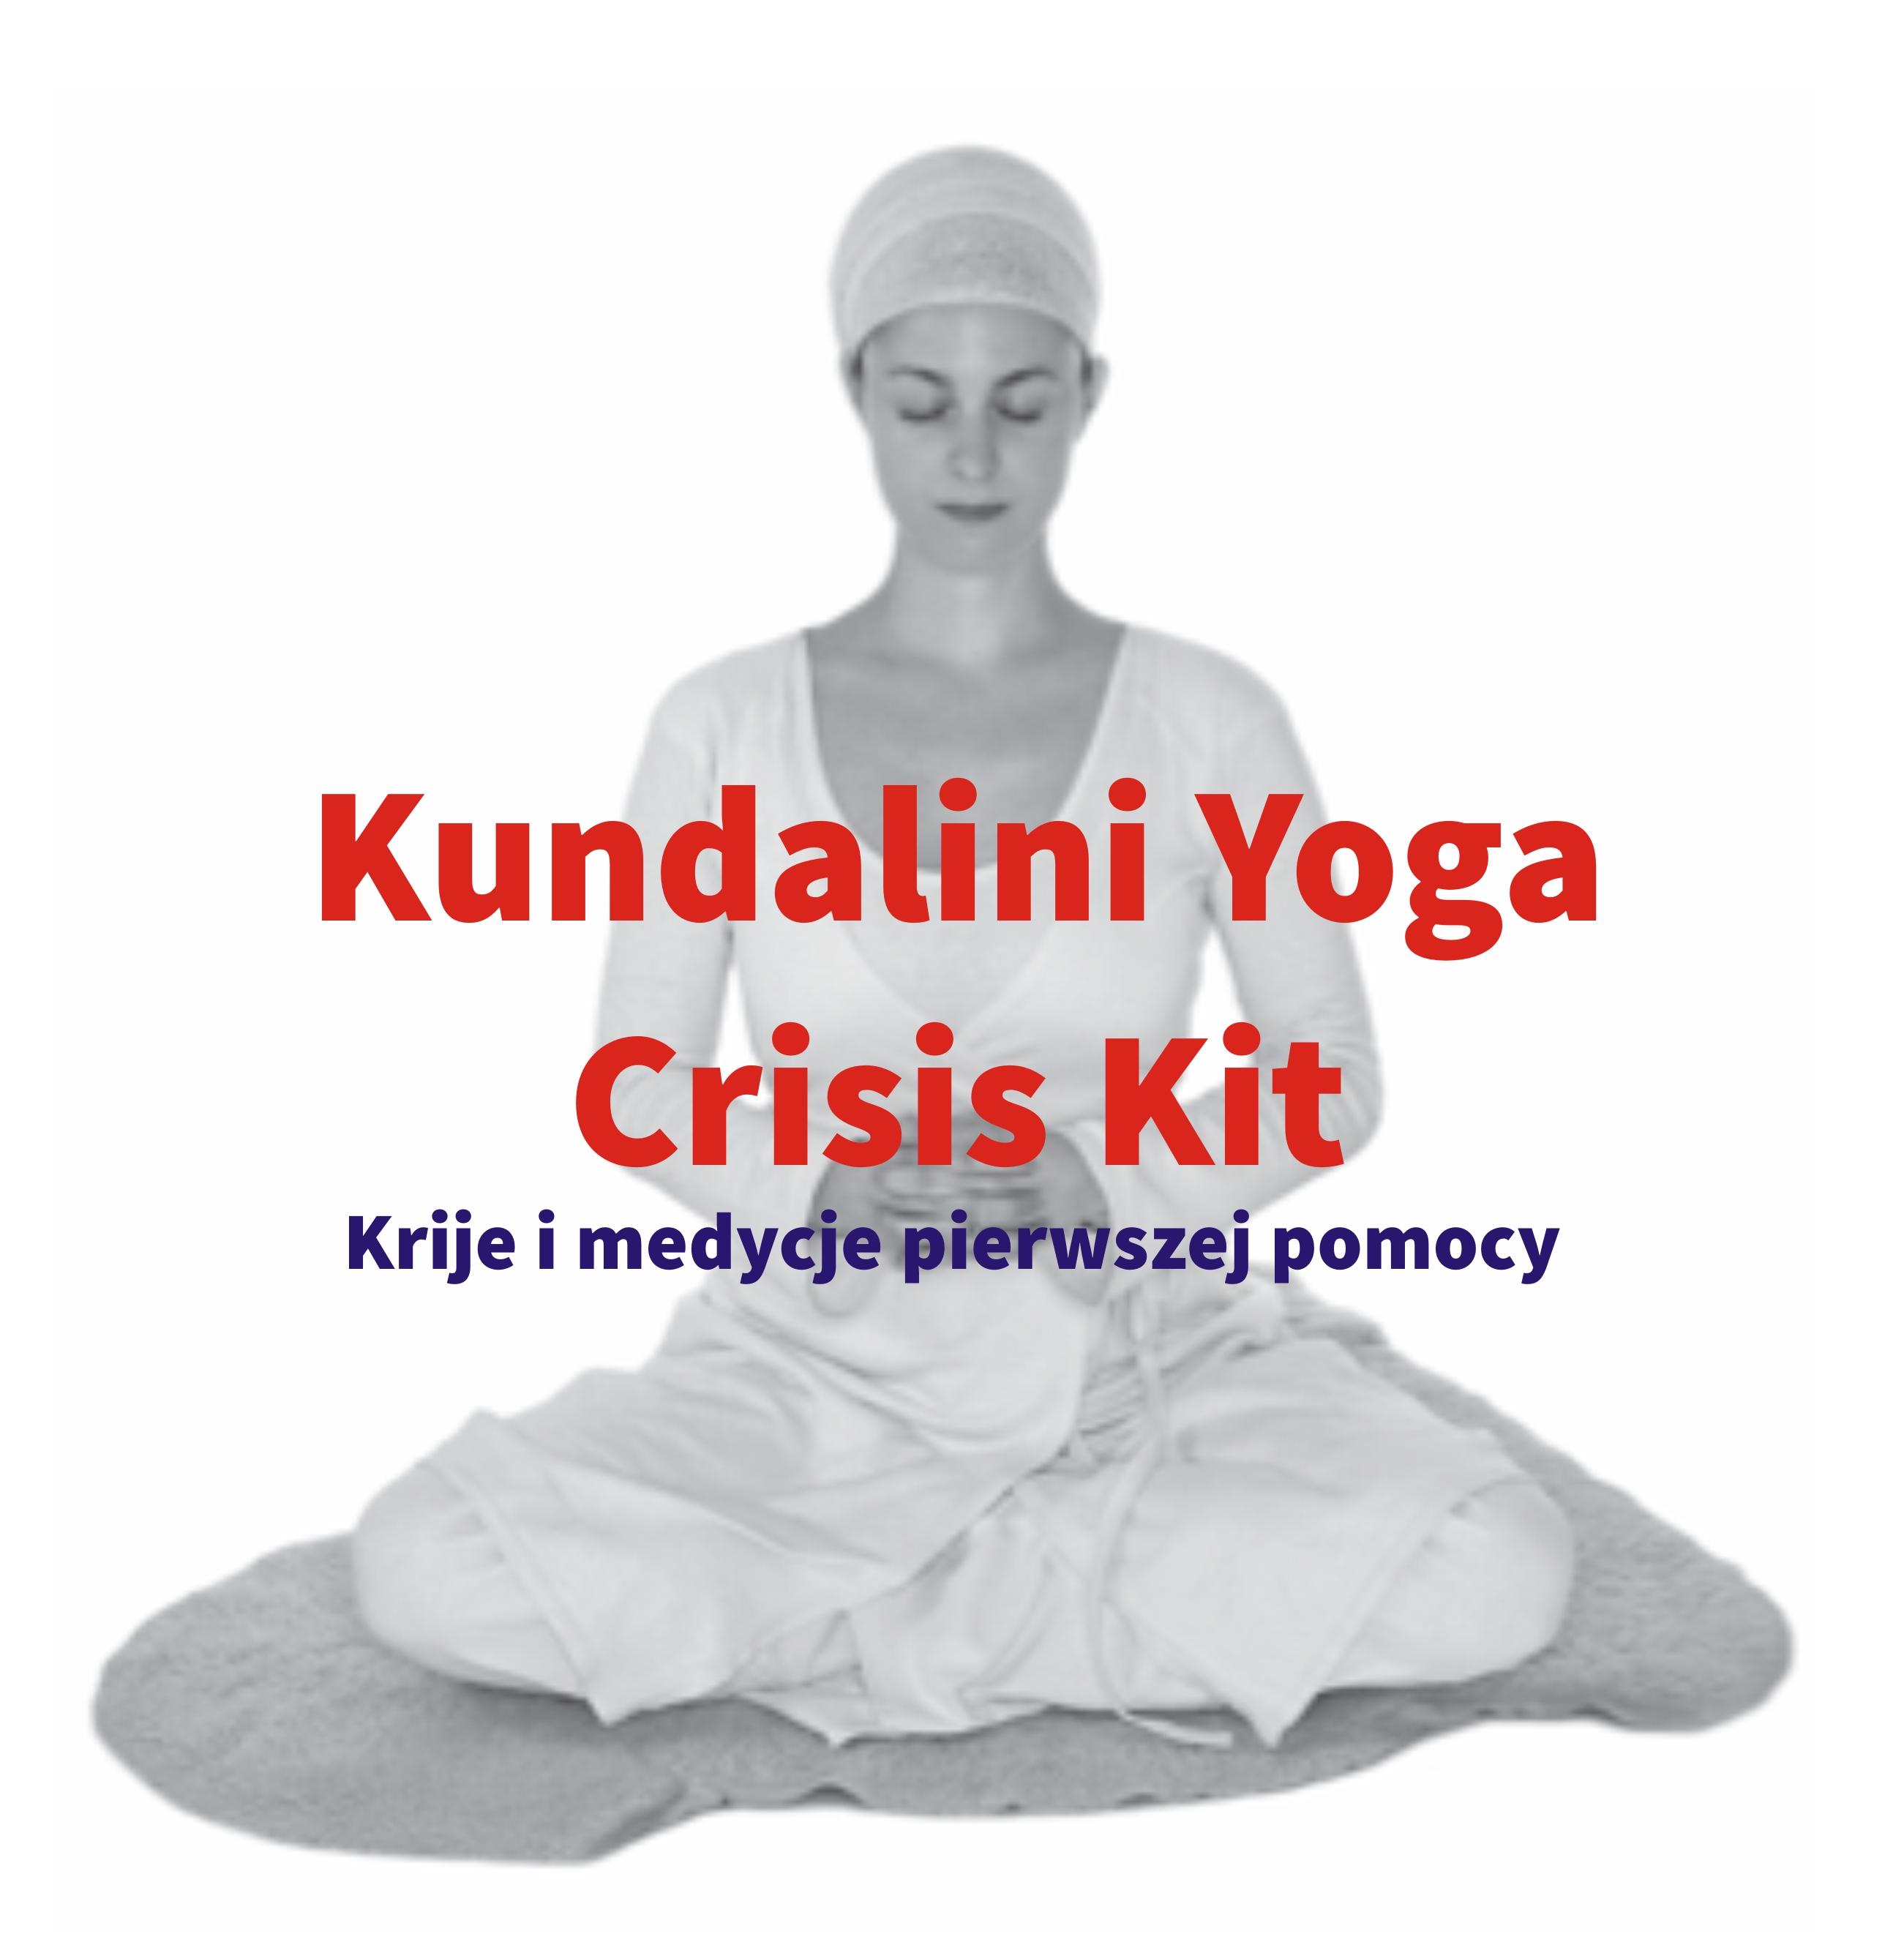 crisis-kit-image